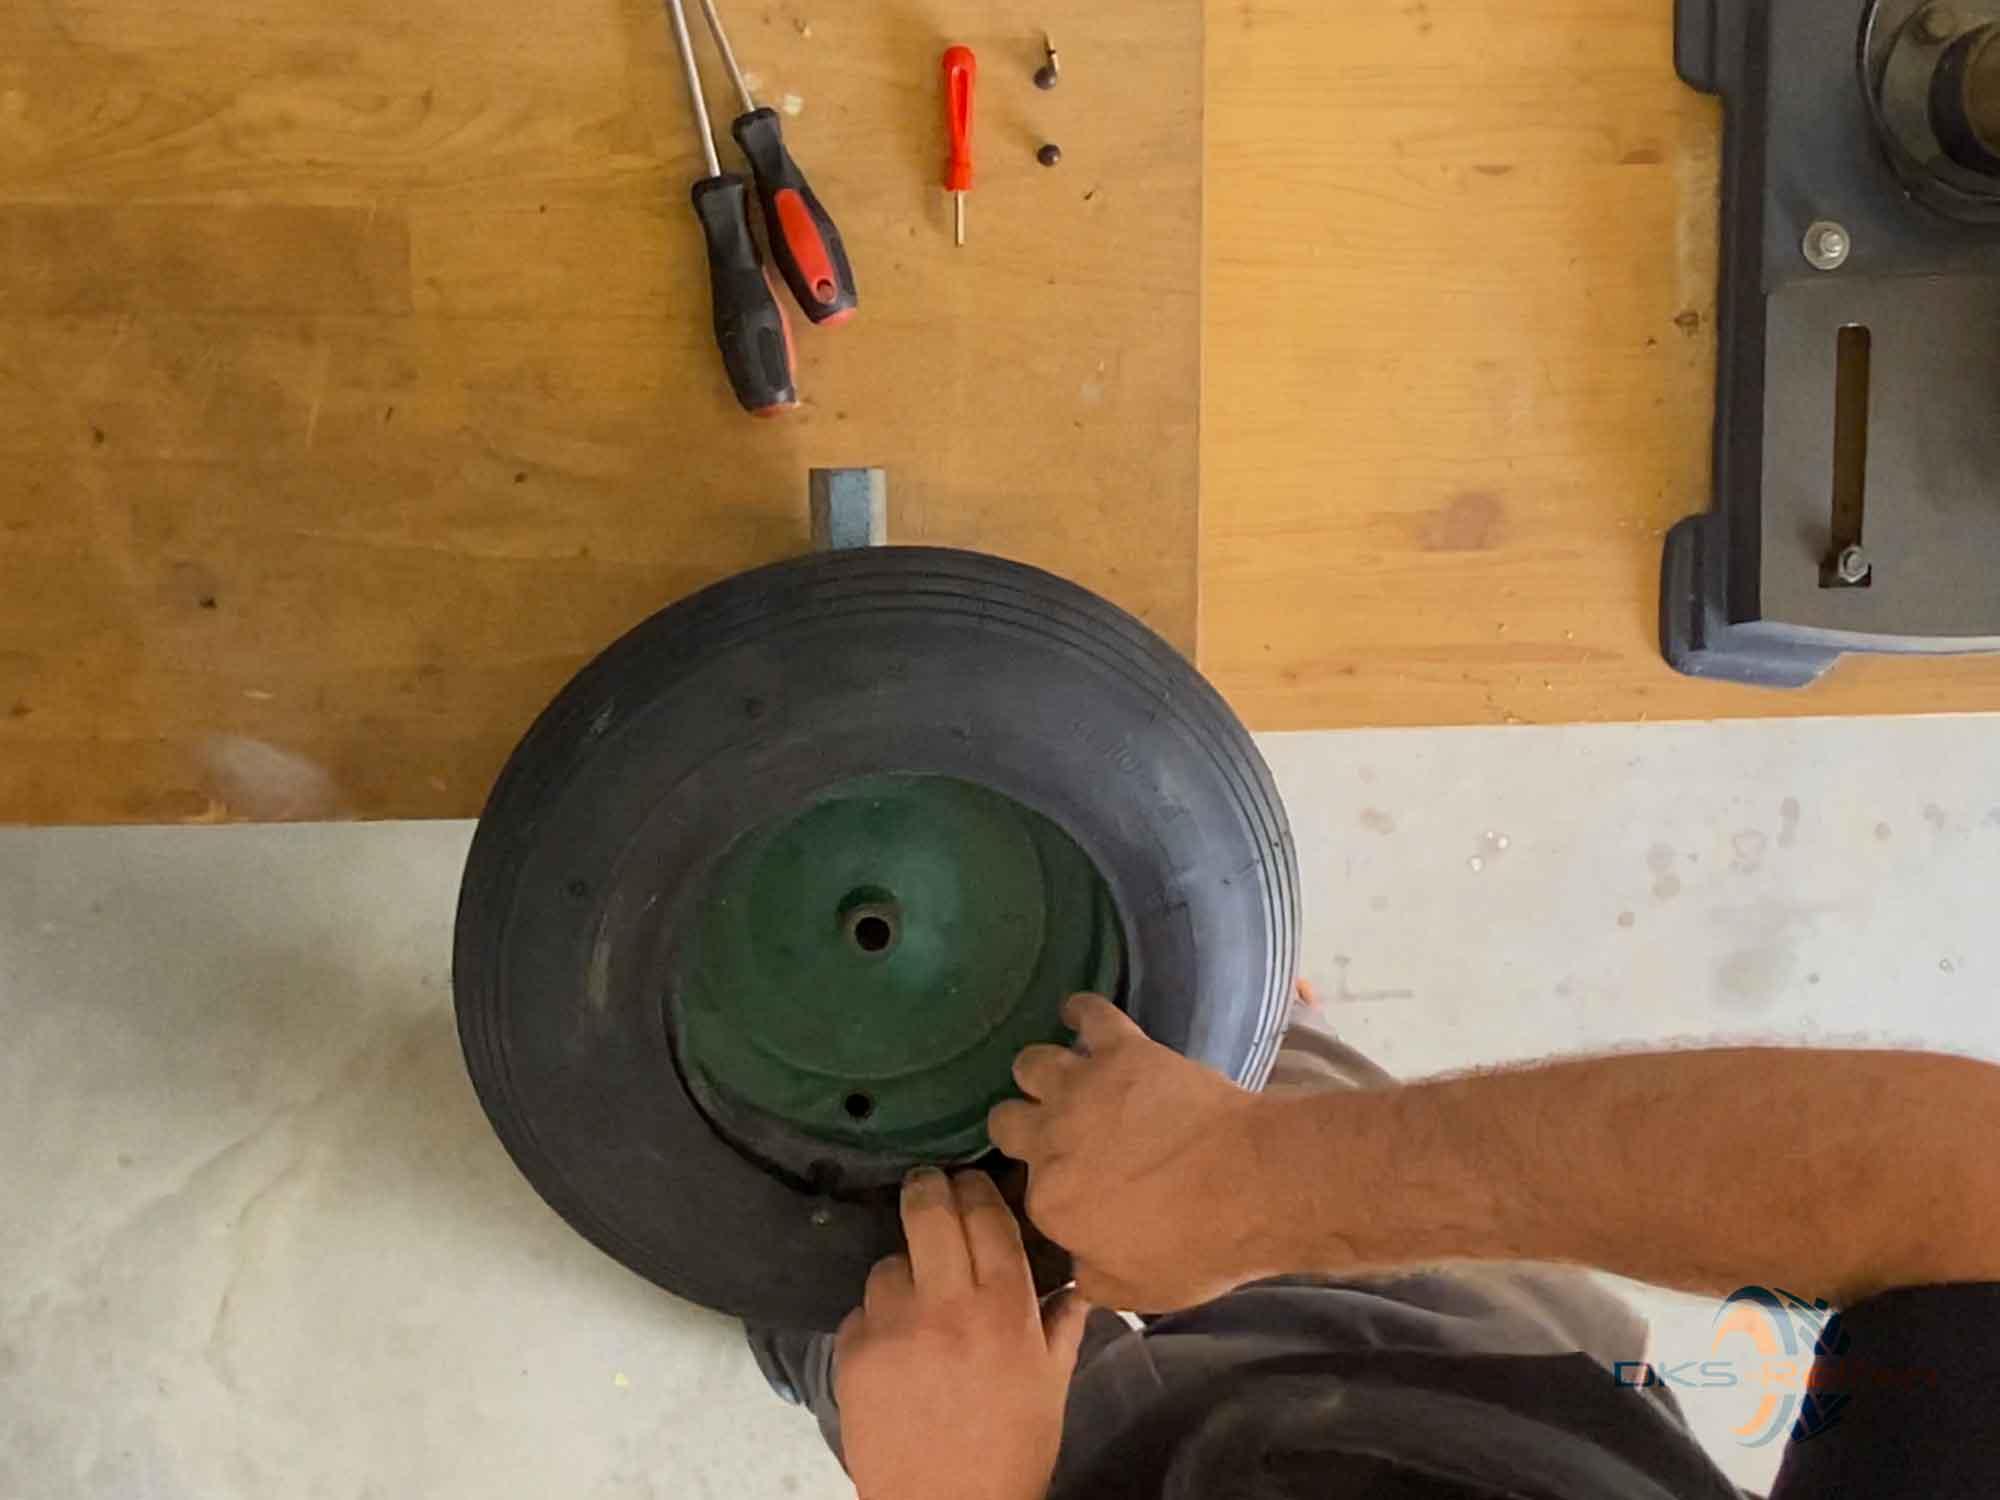 Schubkarrenrad wechseln: Schlauch in Position bringen